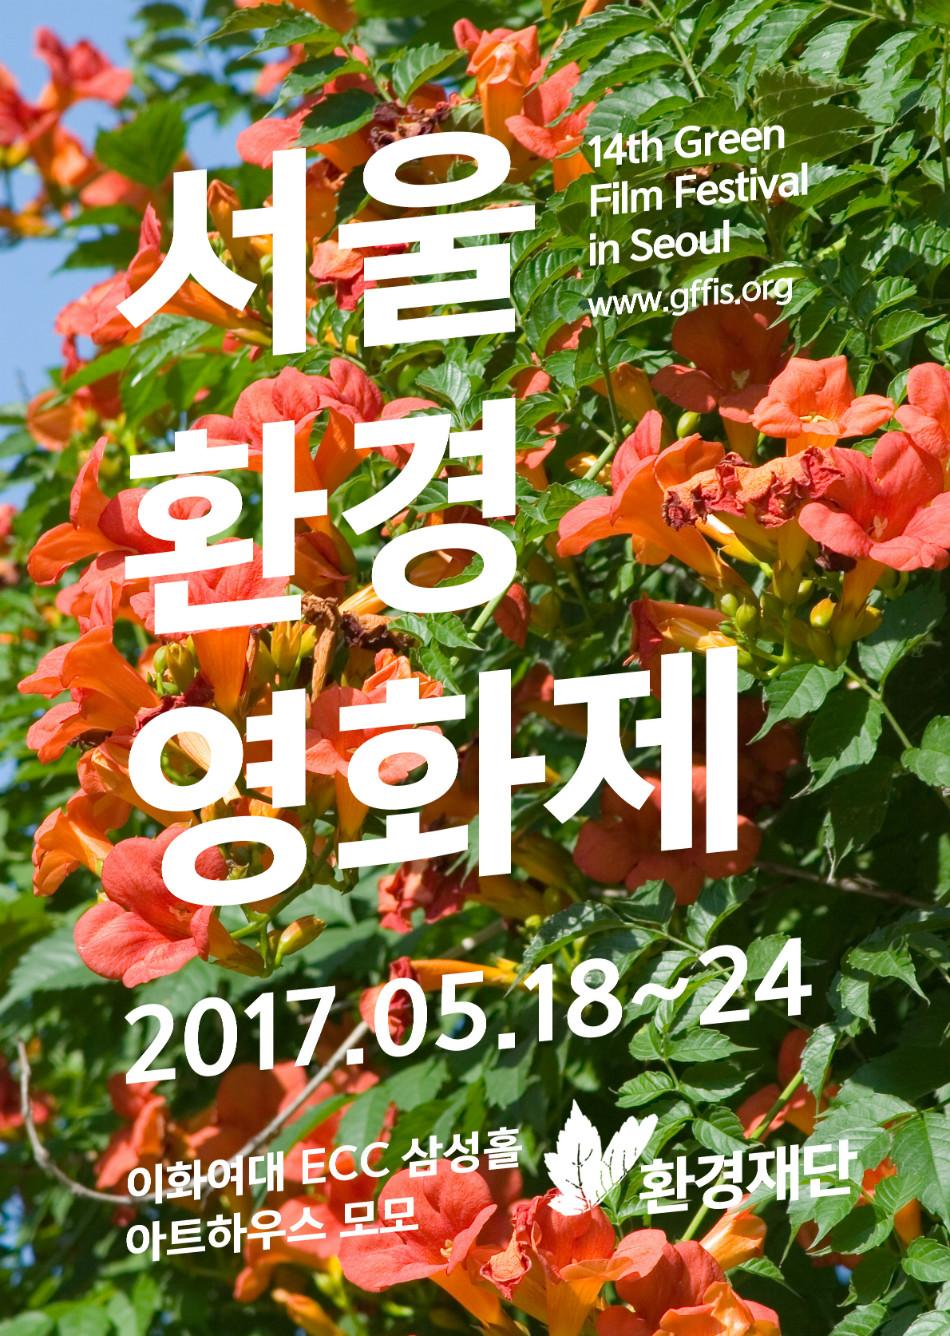 2017서울환경영화제 포스터(최종).jpg